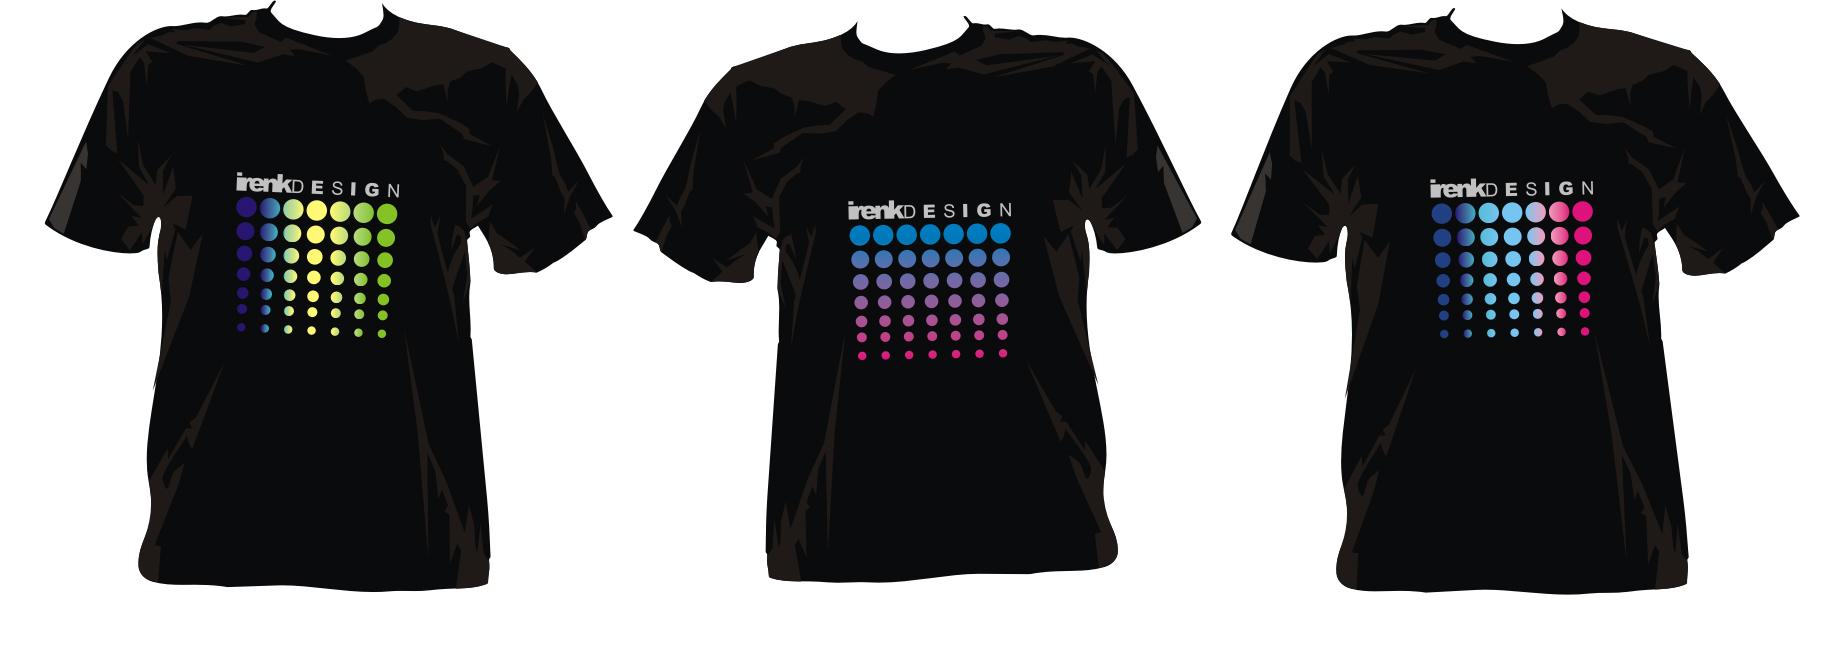 Shirt design on photoshop - Gradasi Square_tshirt_black Pegasus Tshirt Hasil1